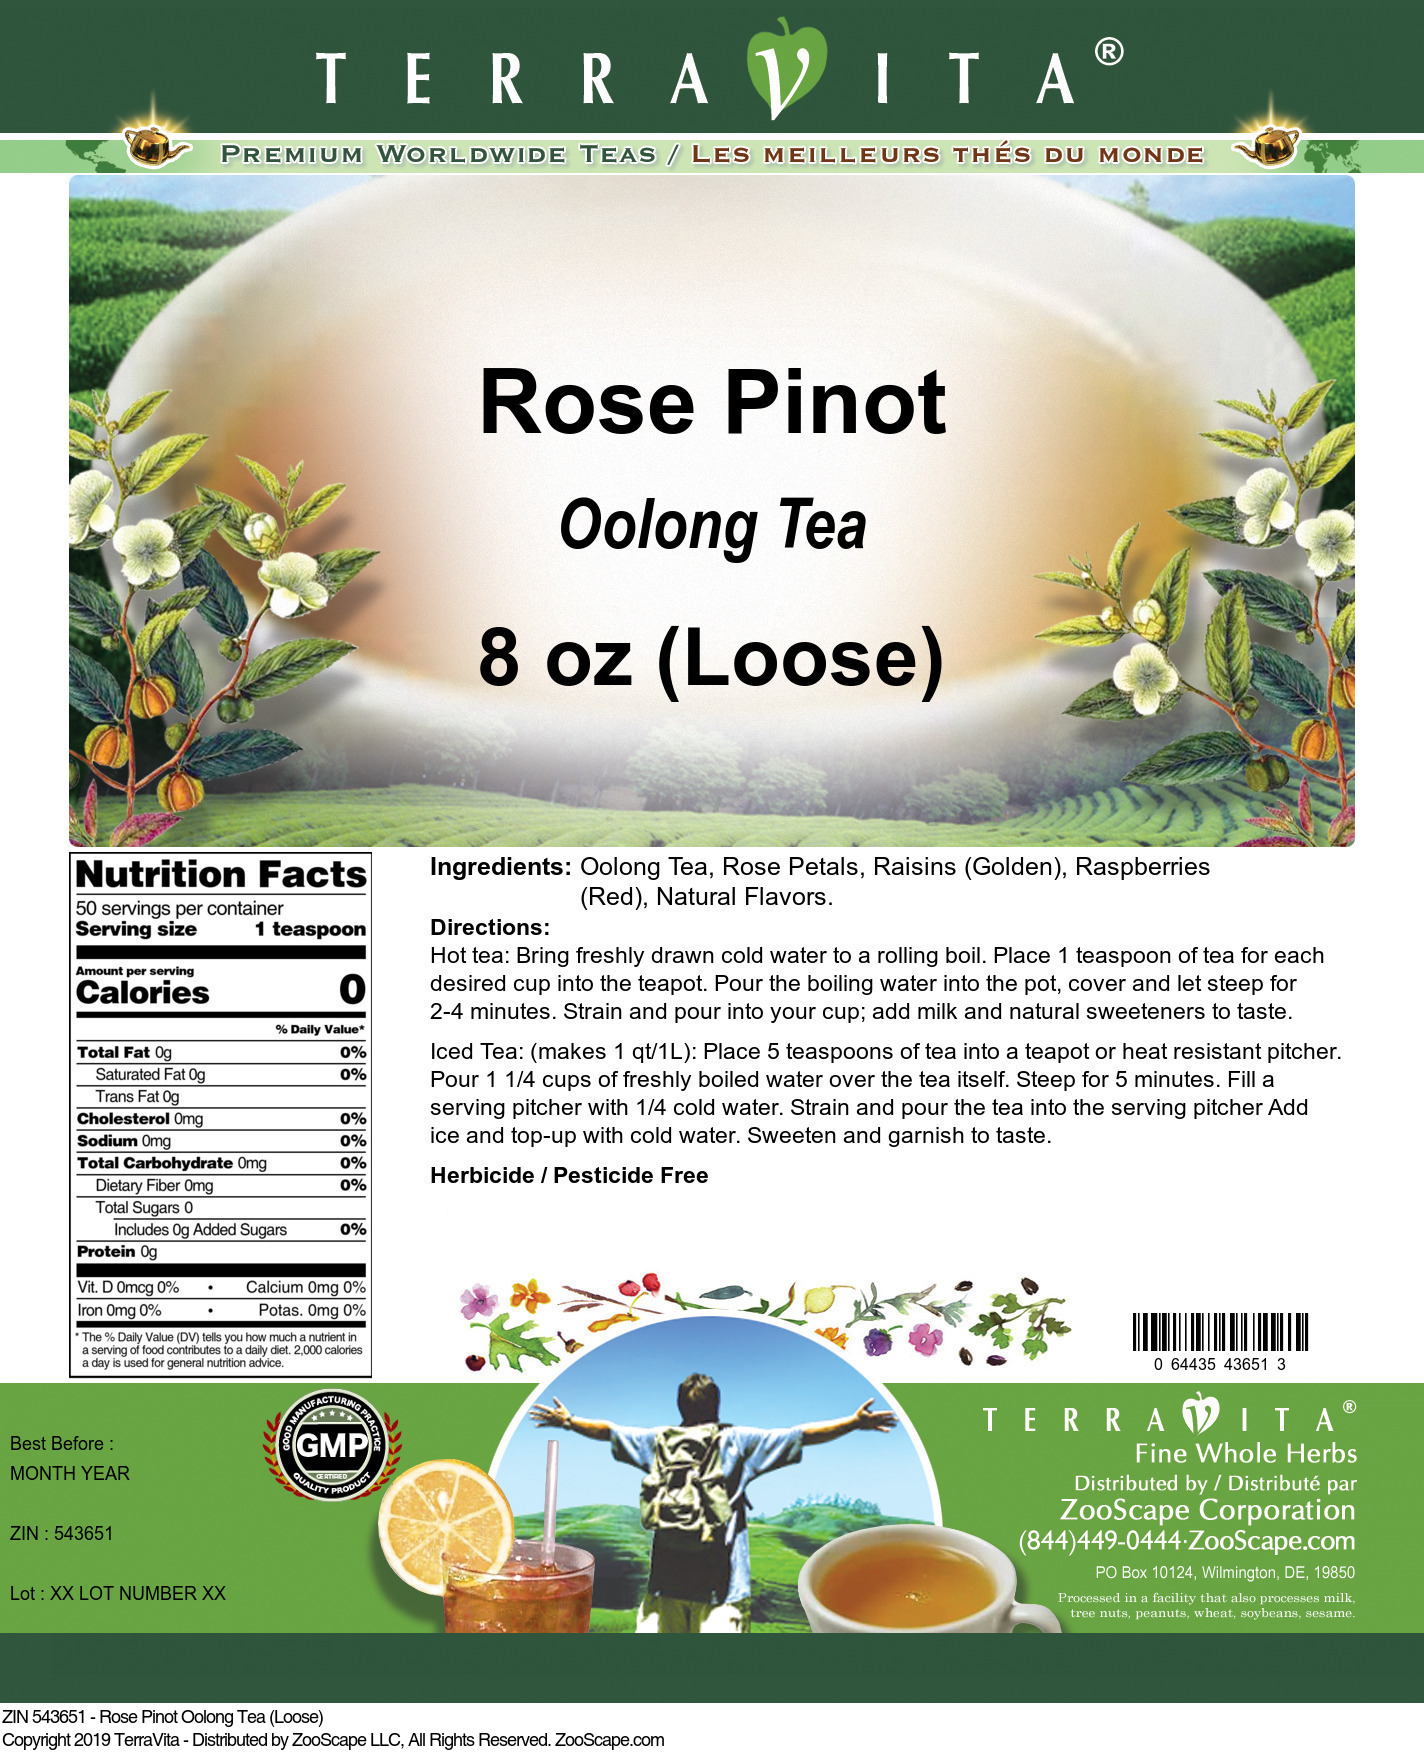 Rose Pinot Oolong Tea